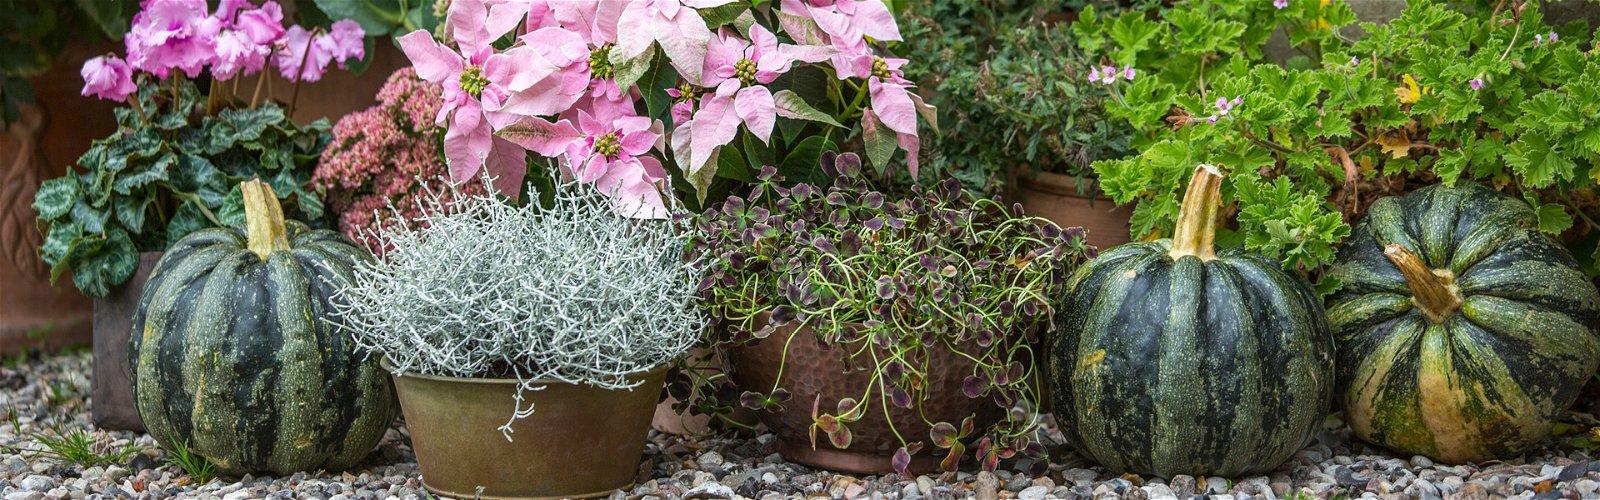 Forskellige sensommerplanter